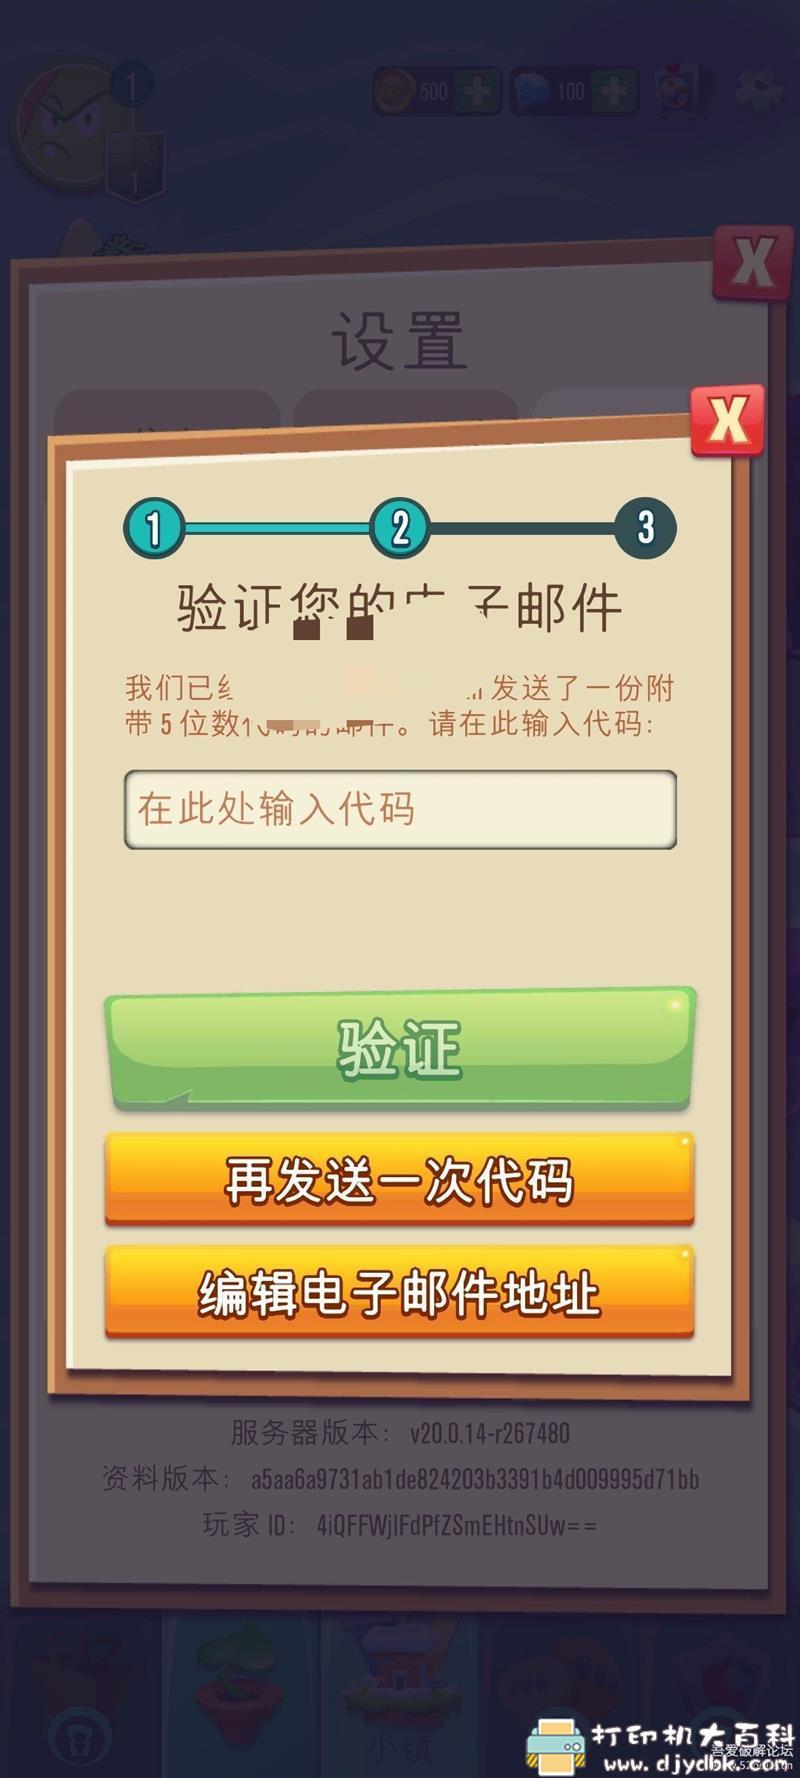 安卓游戏分享:植物大战僵尸3 v20.0.265726 激情解锁版(更新) 配图 No.1